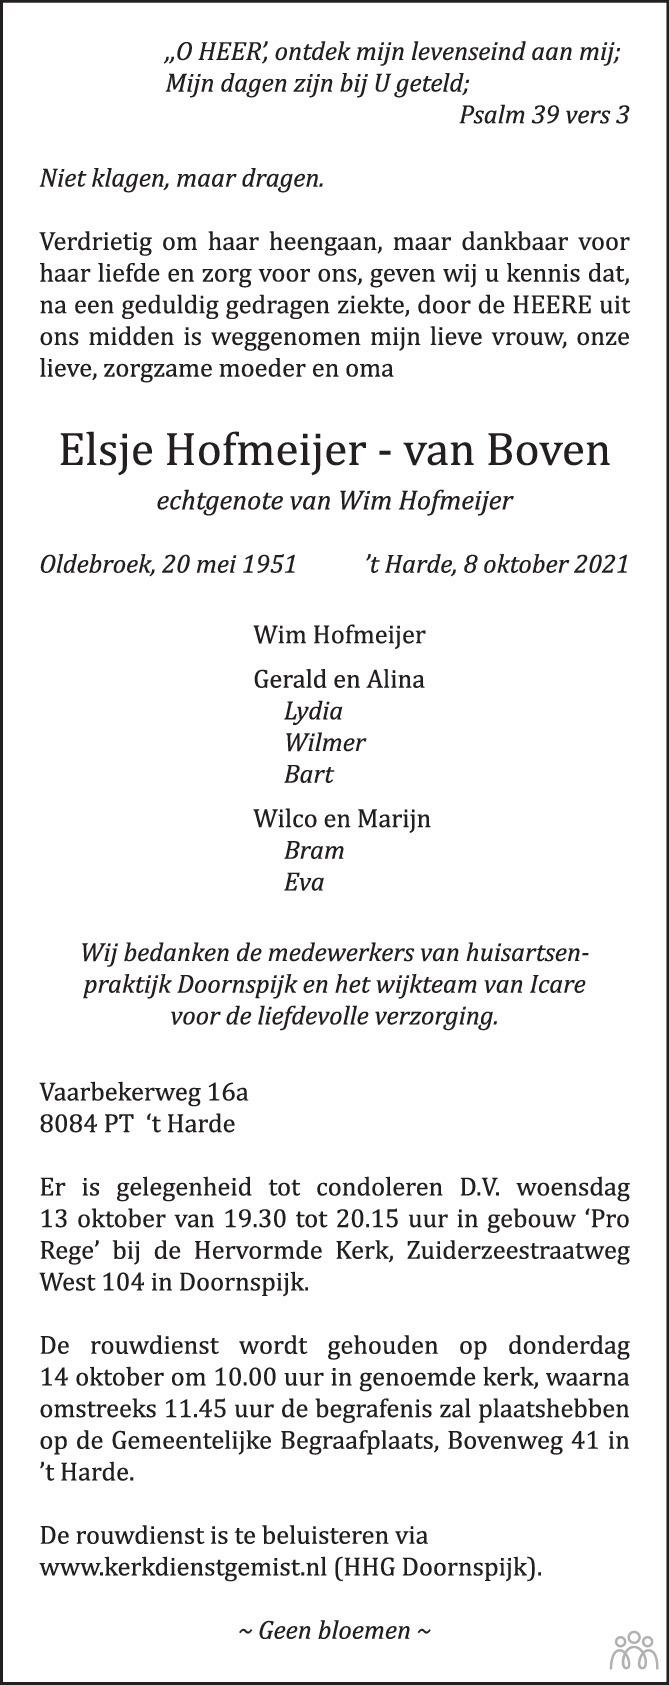 Overlijdensbericht van Elsje Hofmeijer-van Boven in de Stentor